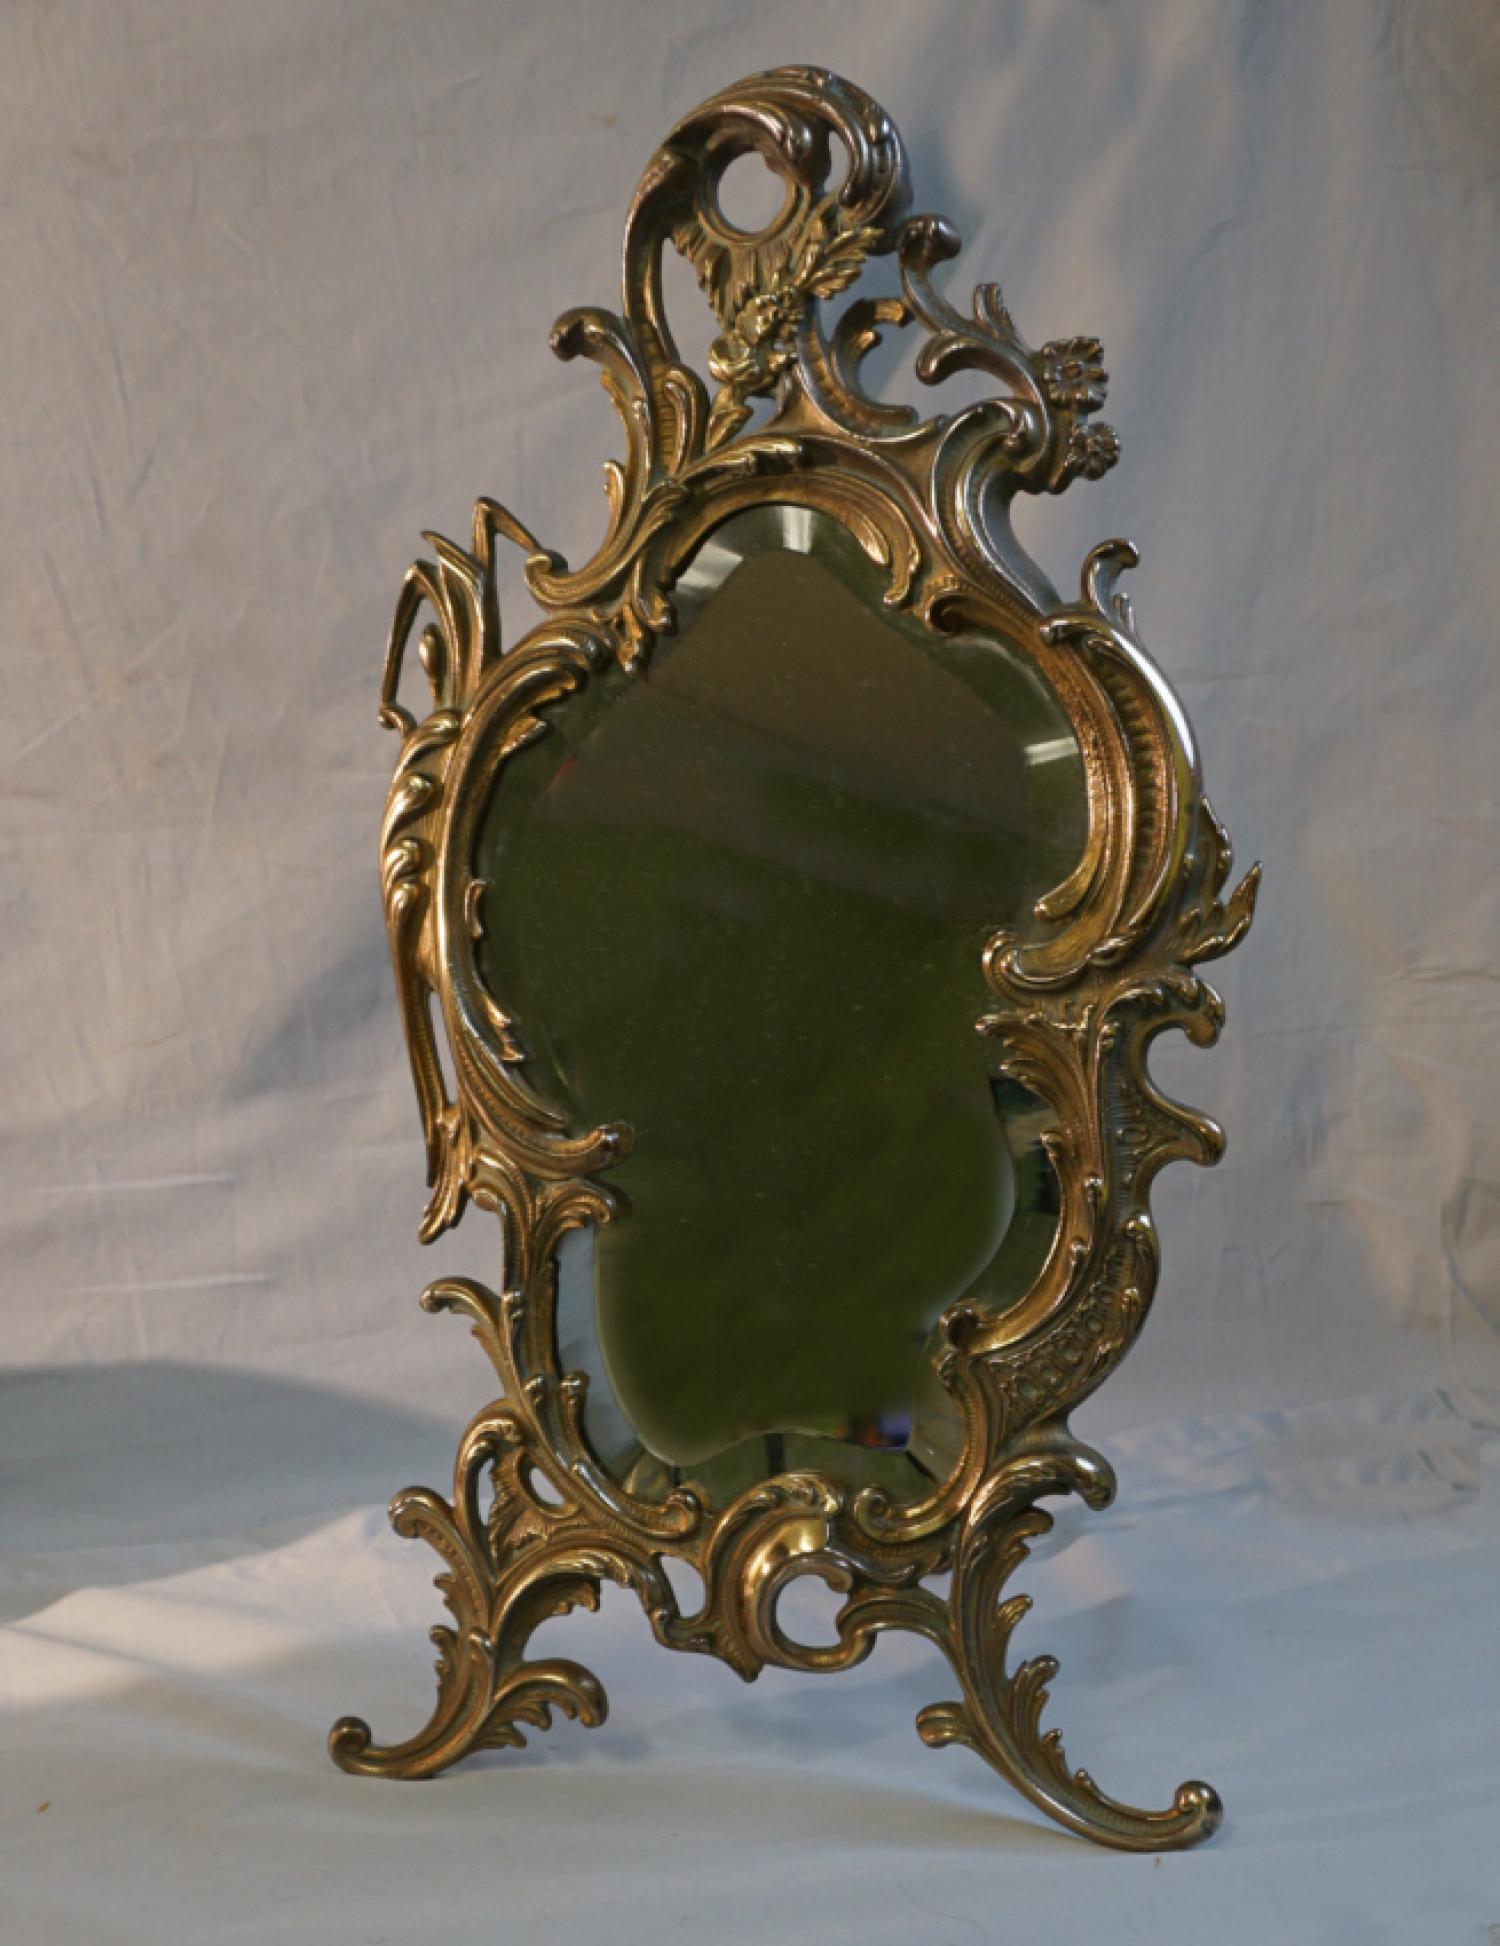 Brass rococo style standing dresser mirror c1880